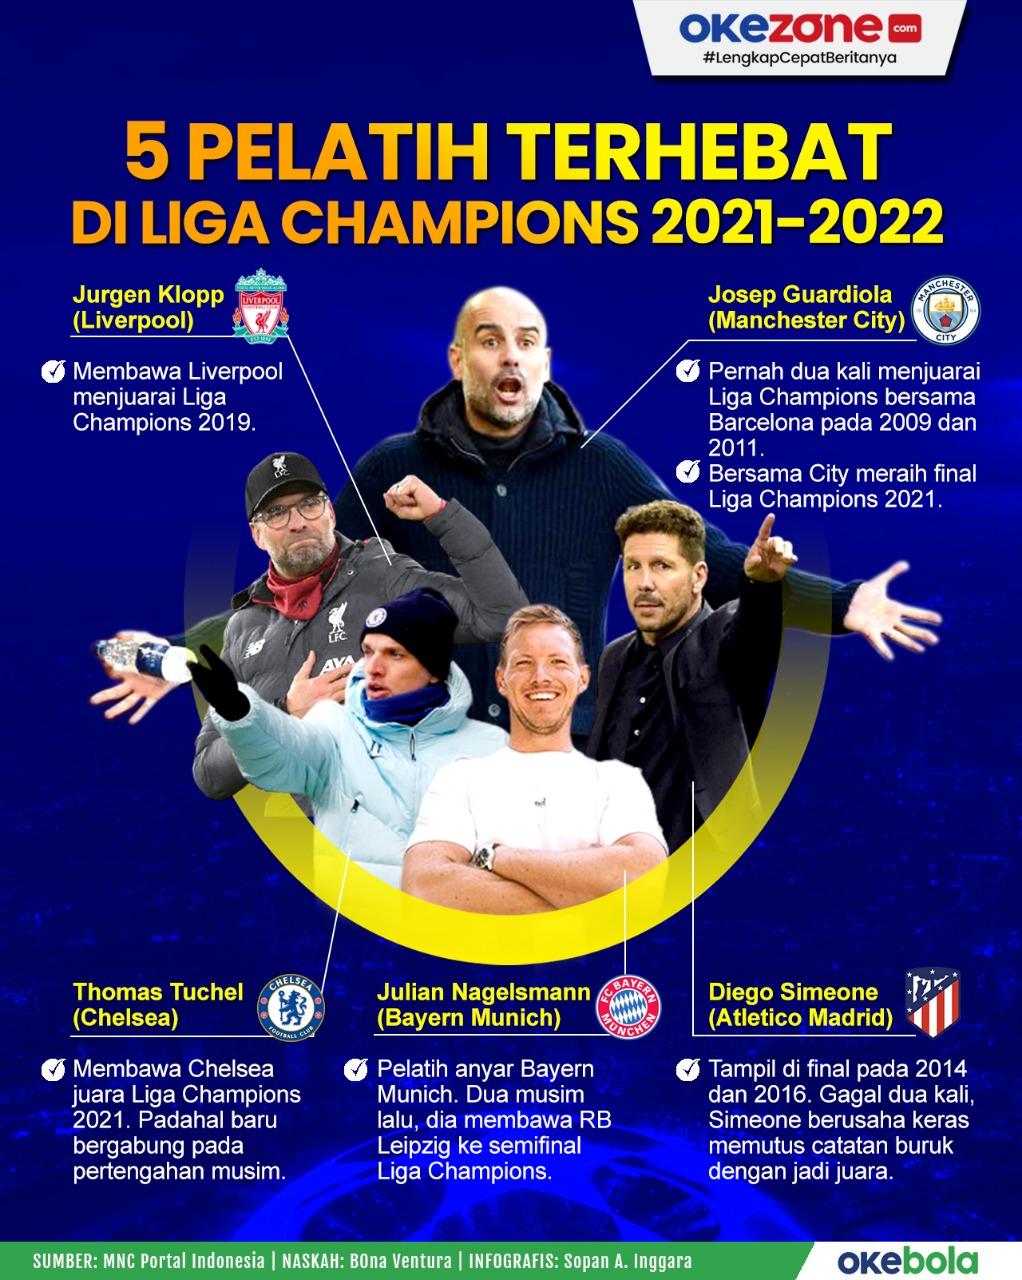 5 Pelatih Terhebat di Liga Champions 2021-2022 -